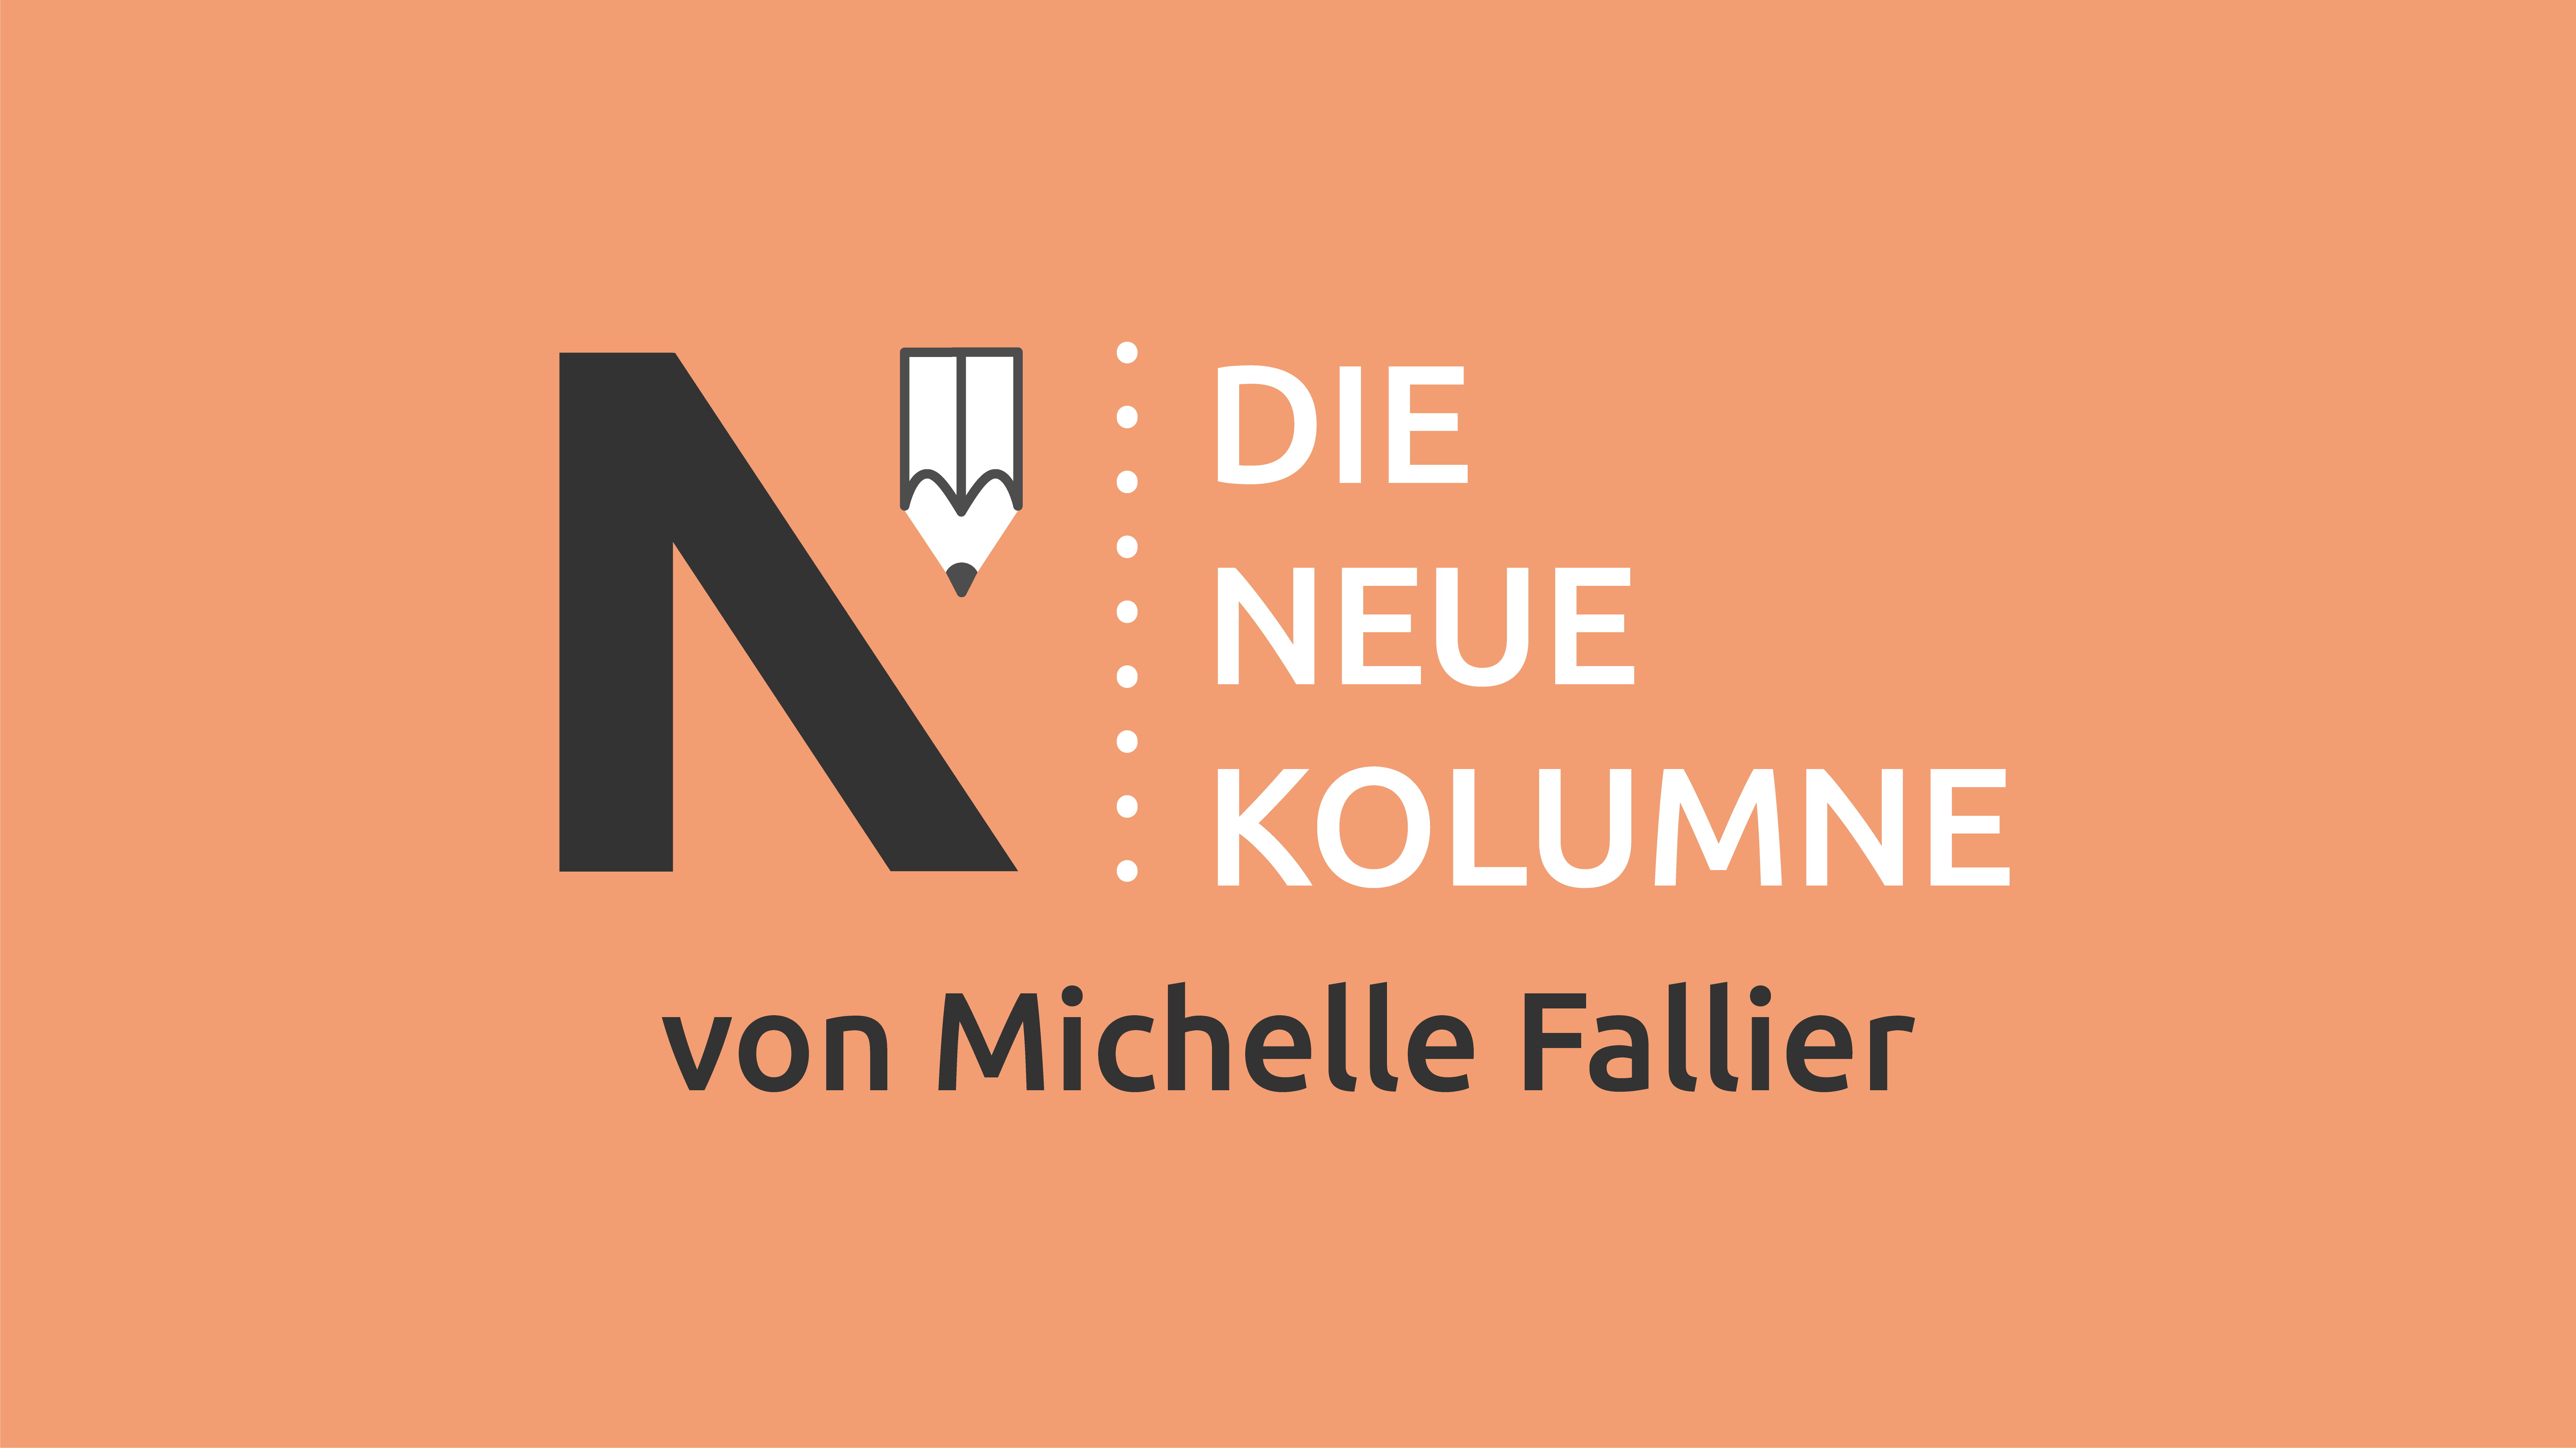 Das Logo von Die Neue Norm auf orangem Grund. Rechts davon steht: Die Neue Kolumne. Unten steht: Von Michelle Fallier.